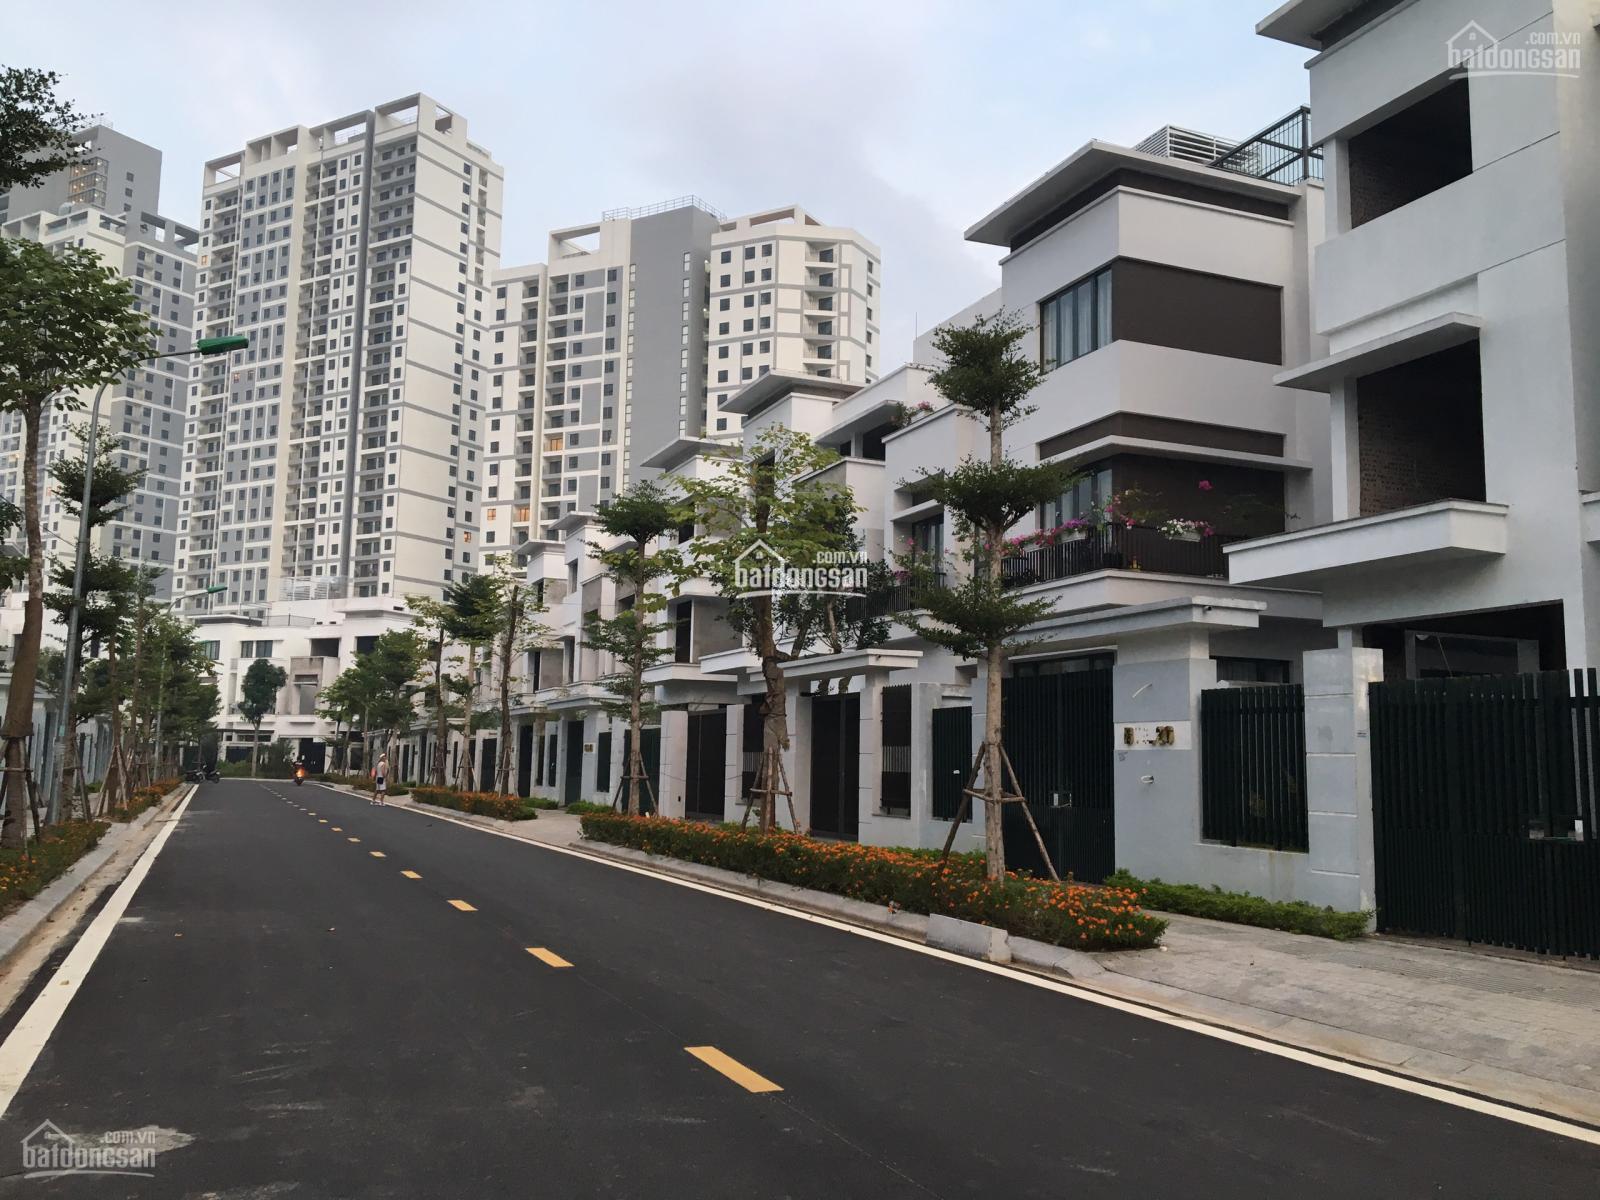 Bán biệt thự Ngoại Giao Đoàn, DT 216m2 đến 430m2, vị trí đẹp, giá tốt nhất thị trường: 0975.974.318